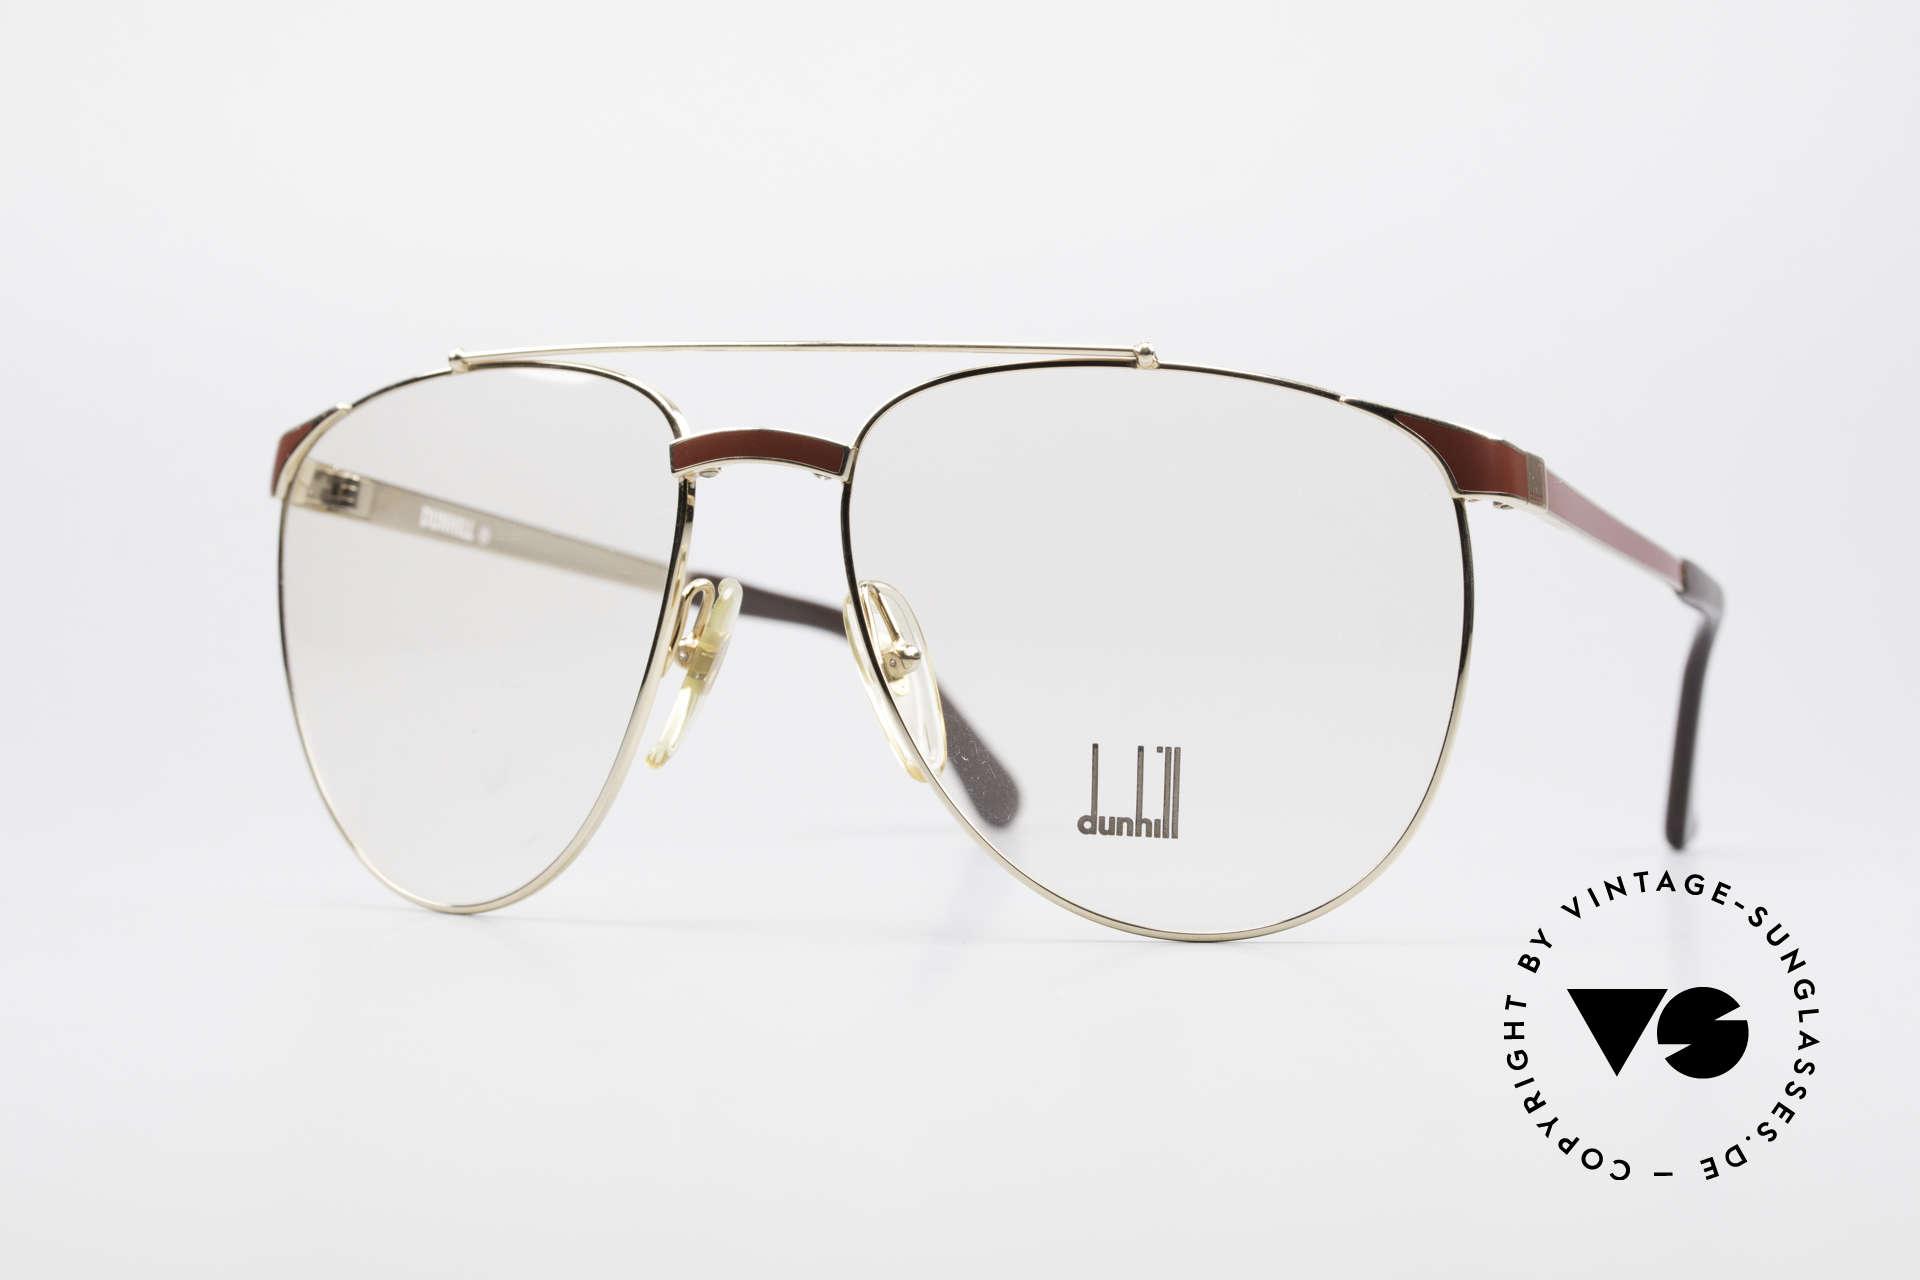 Dunhill 6034 Chinalack Luxus Brille 80er, stilvolle Dunhill vintage Brillenfassung von 1986, Passend für Herren